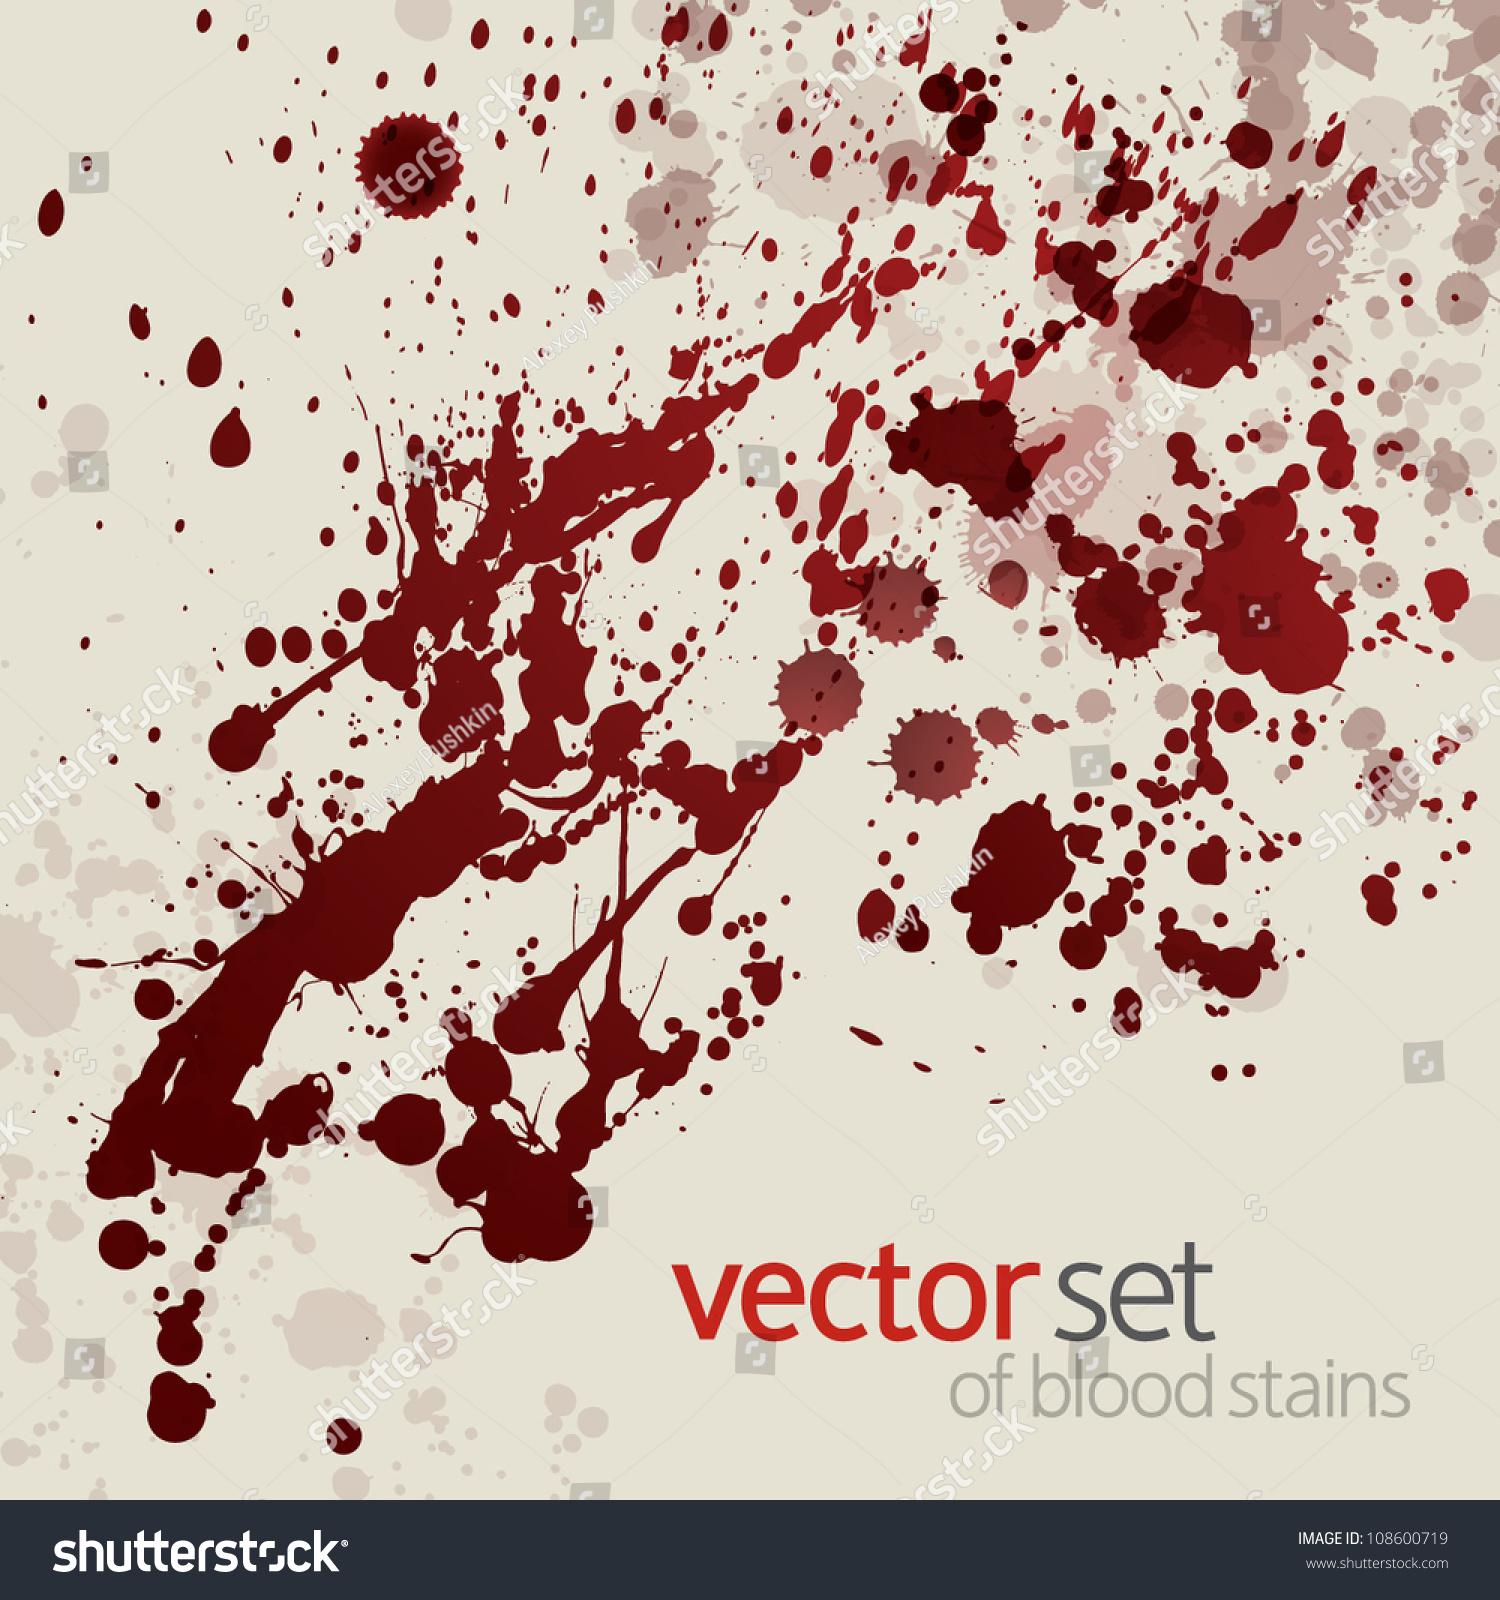 Splattered Blood Stains, Set 14 Stock Vector Illustration 108600719 : Shutterstock